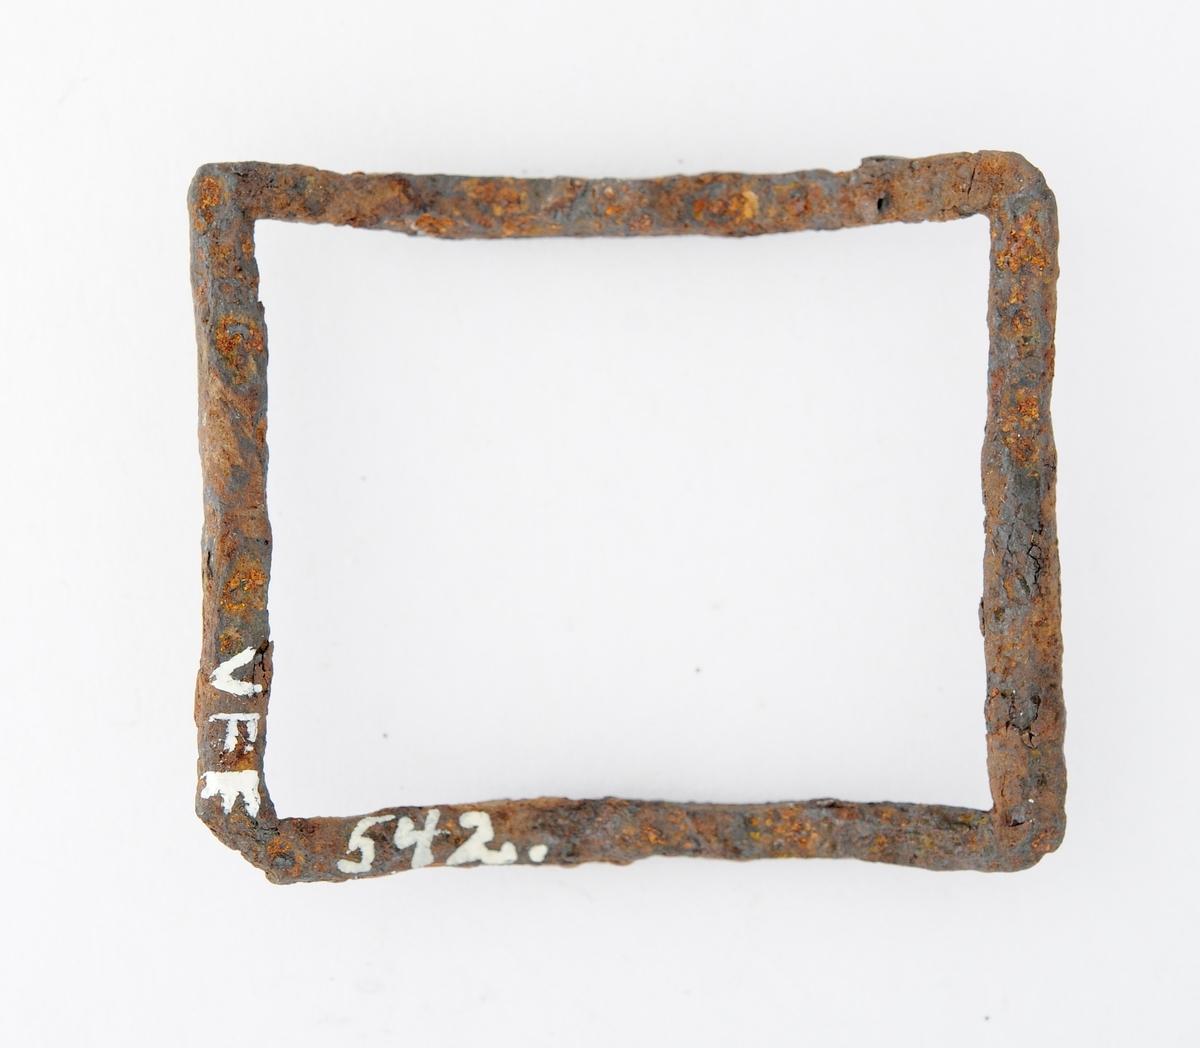 Spenne i jern, rektangulær form, bua. Merke etter tein. Manglar nål.